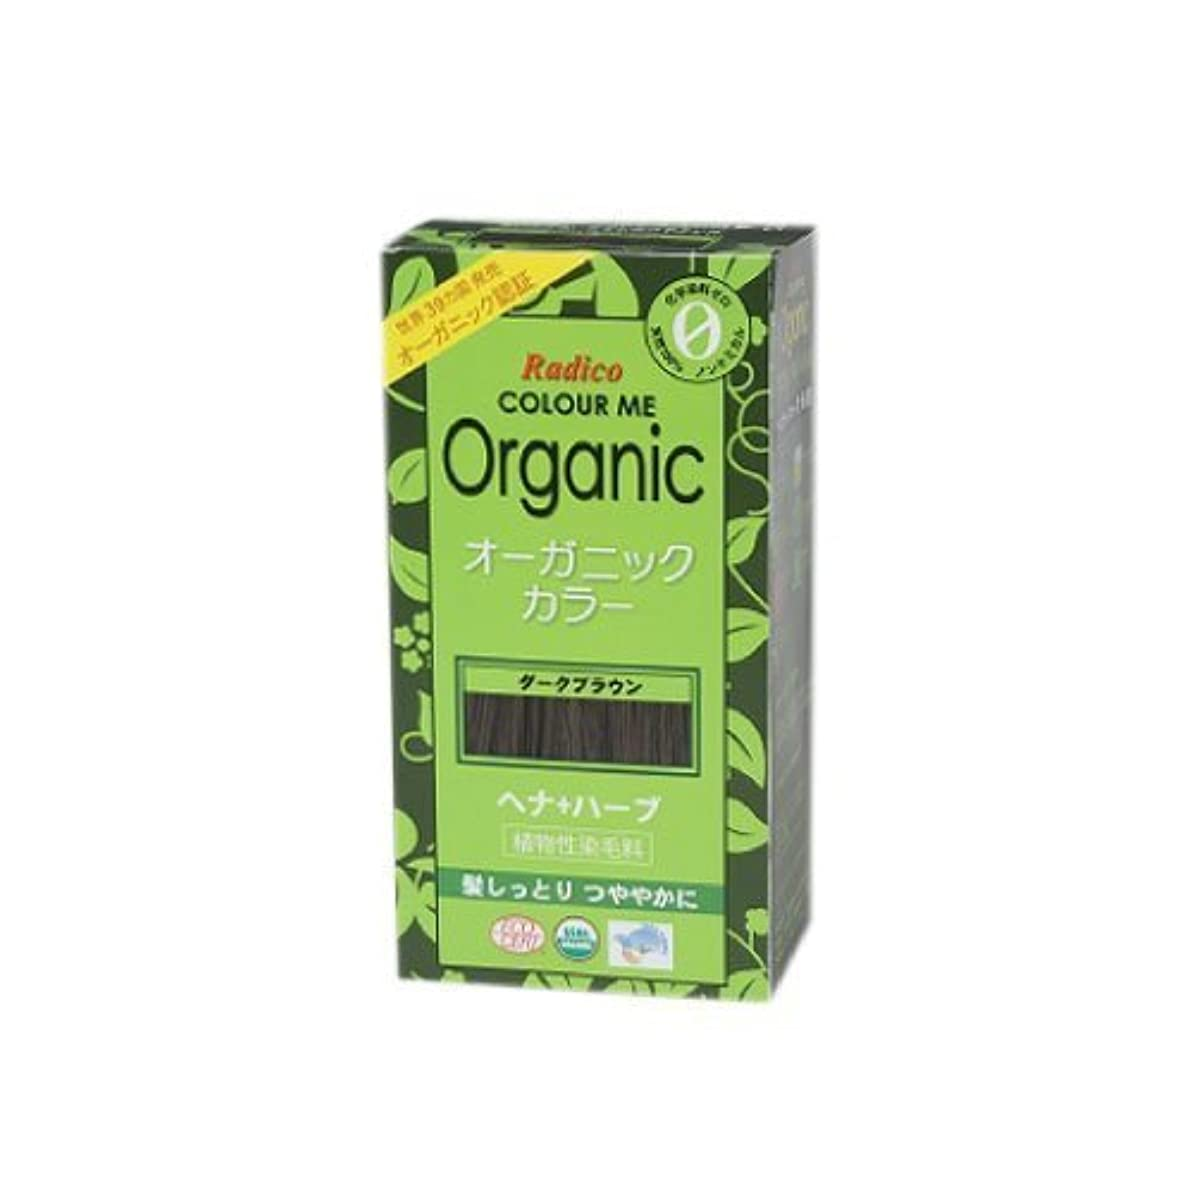 める校長電子COLOURME Organic (カラーミーオーガニック ヘナ 白髪用) ダークブラウン 100g